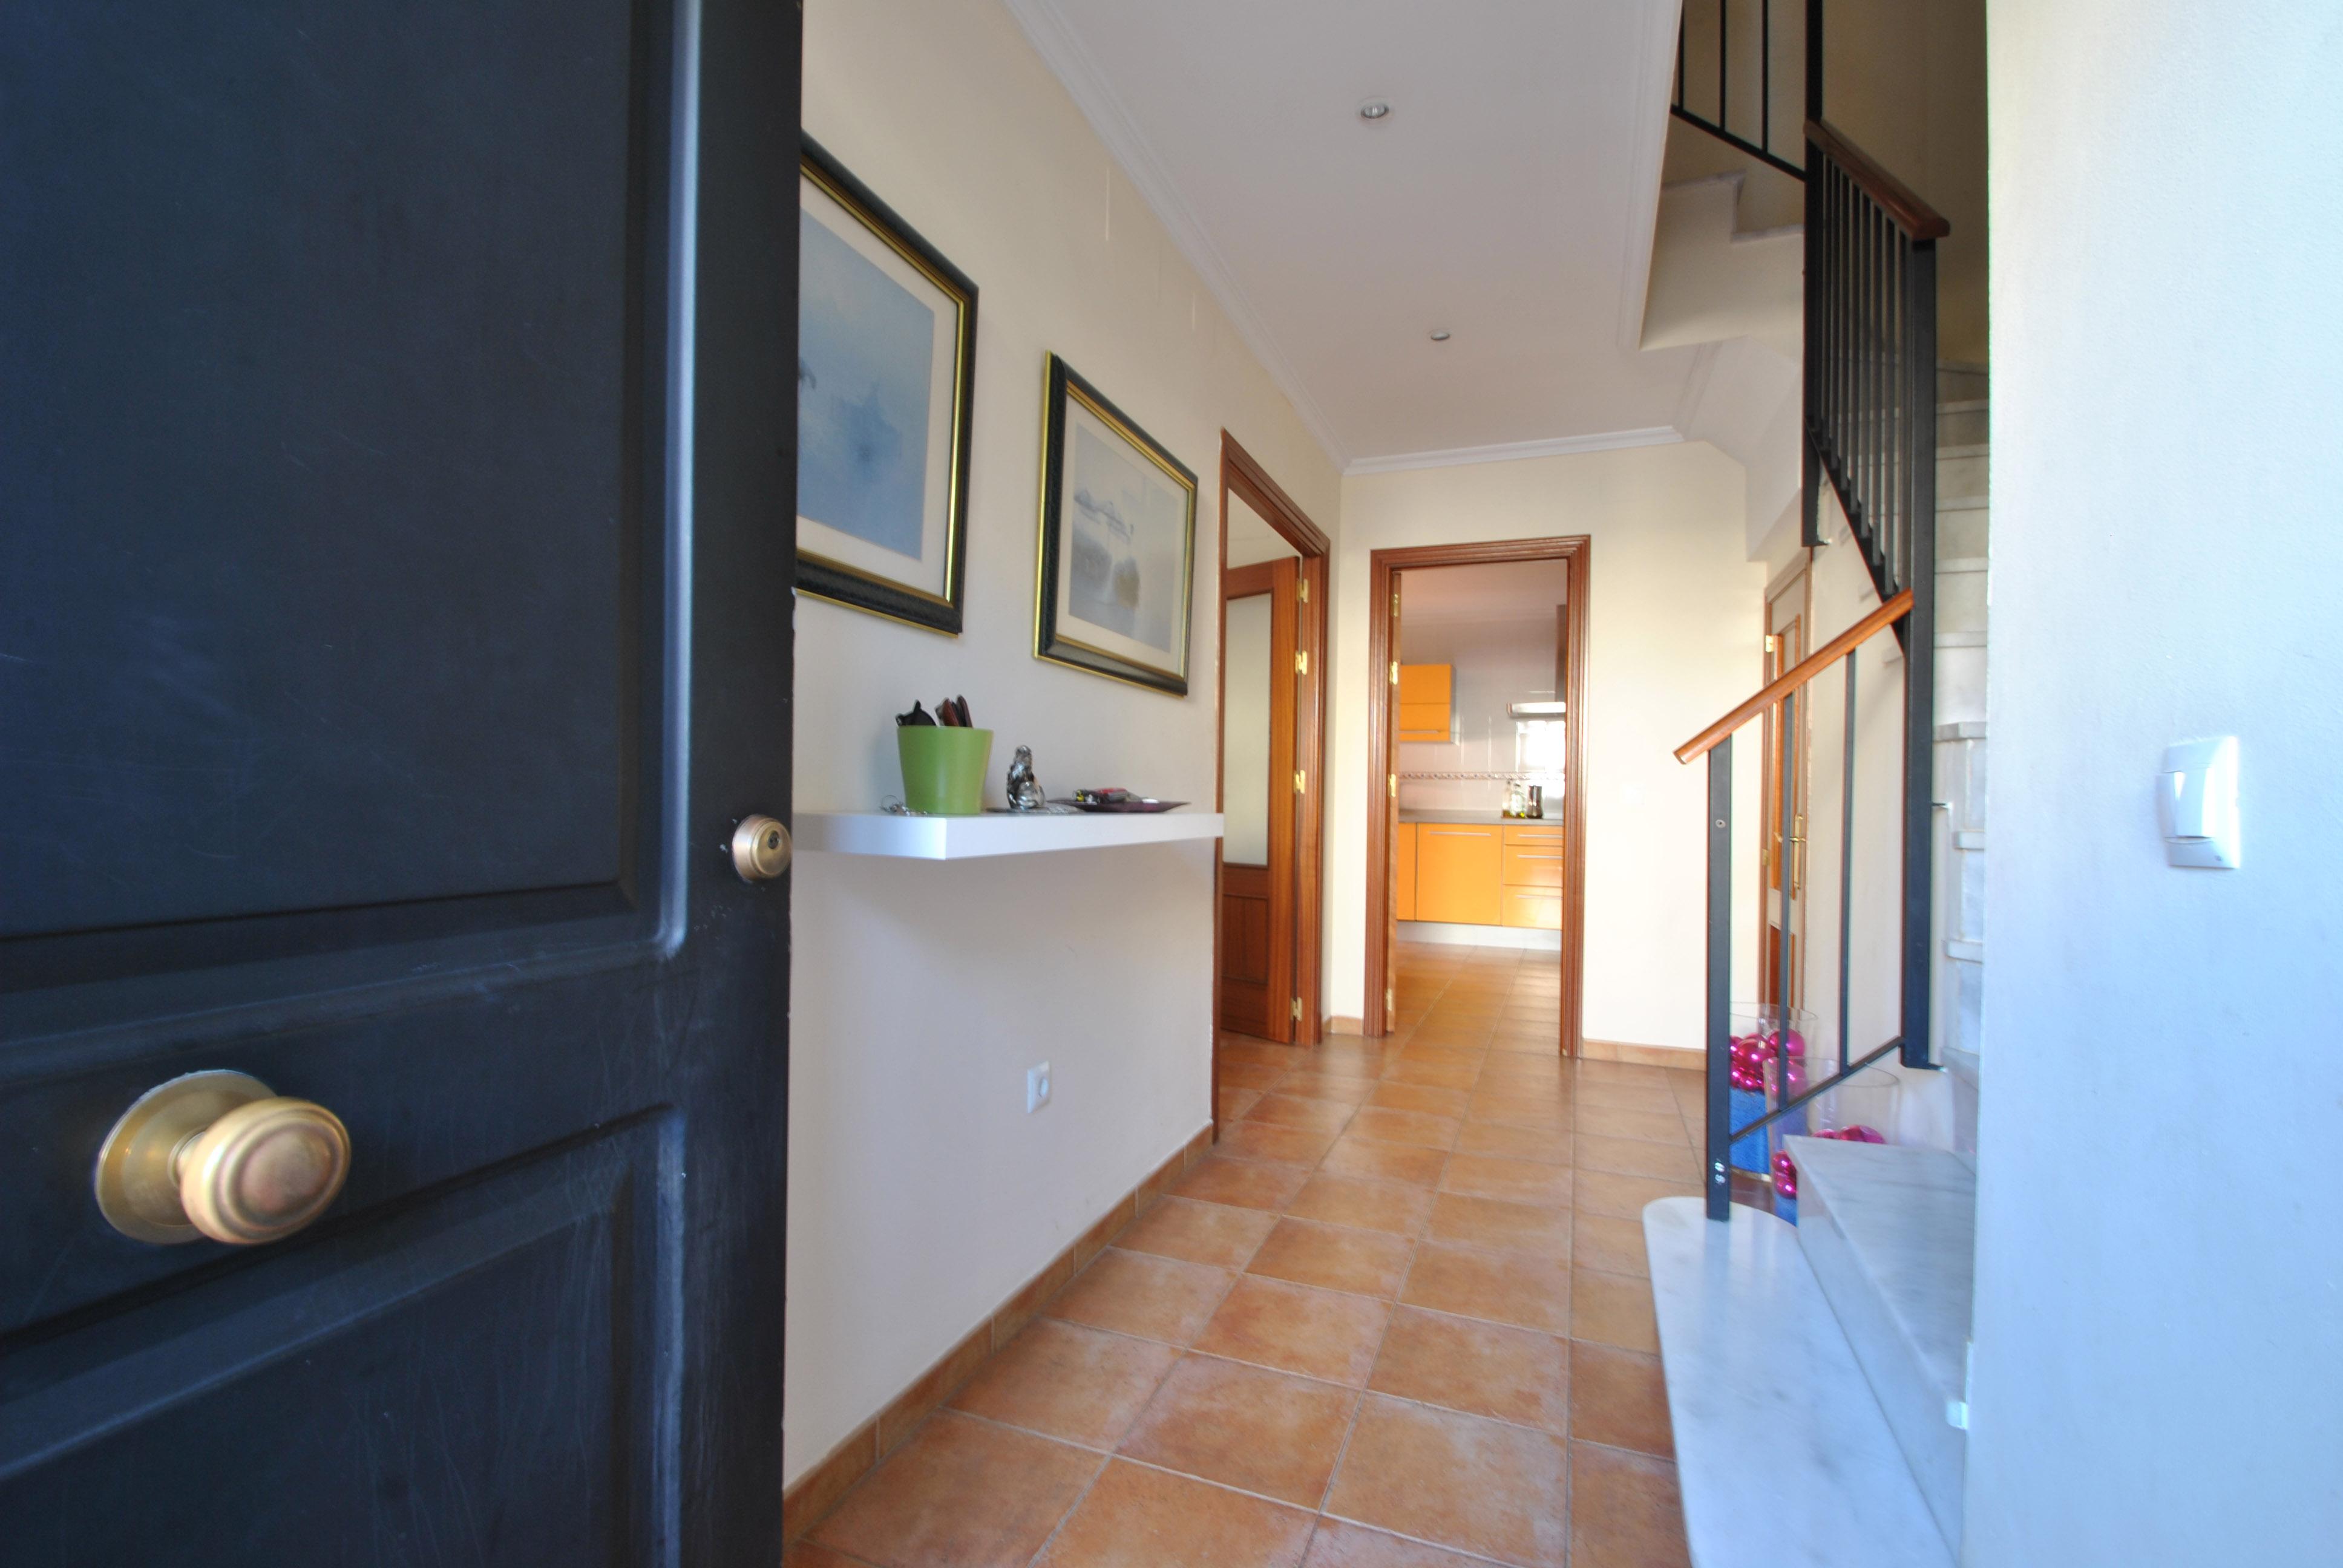 Vestíbulo de entrada y distribuidor de estancias y escaleras